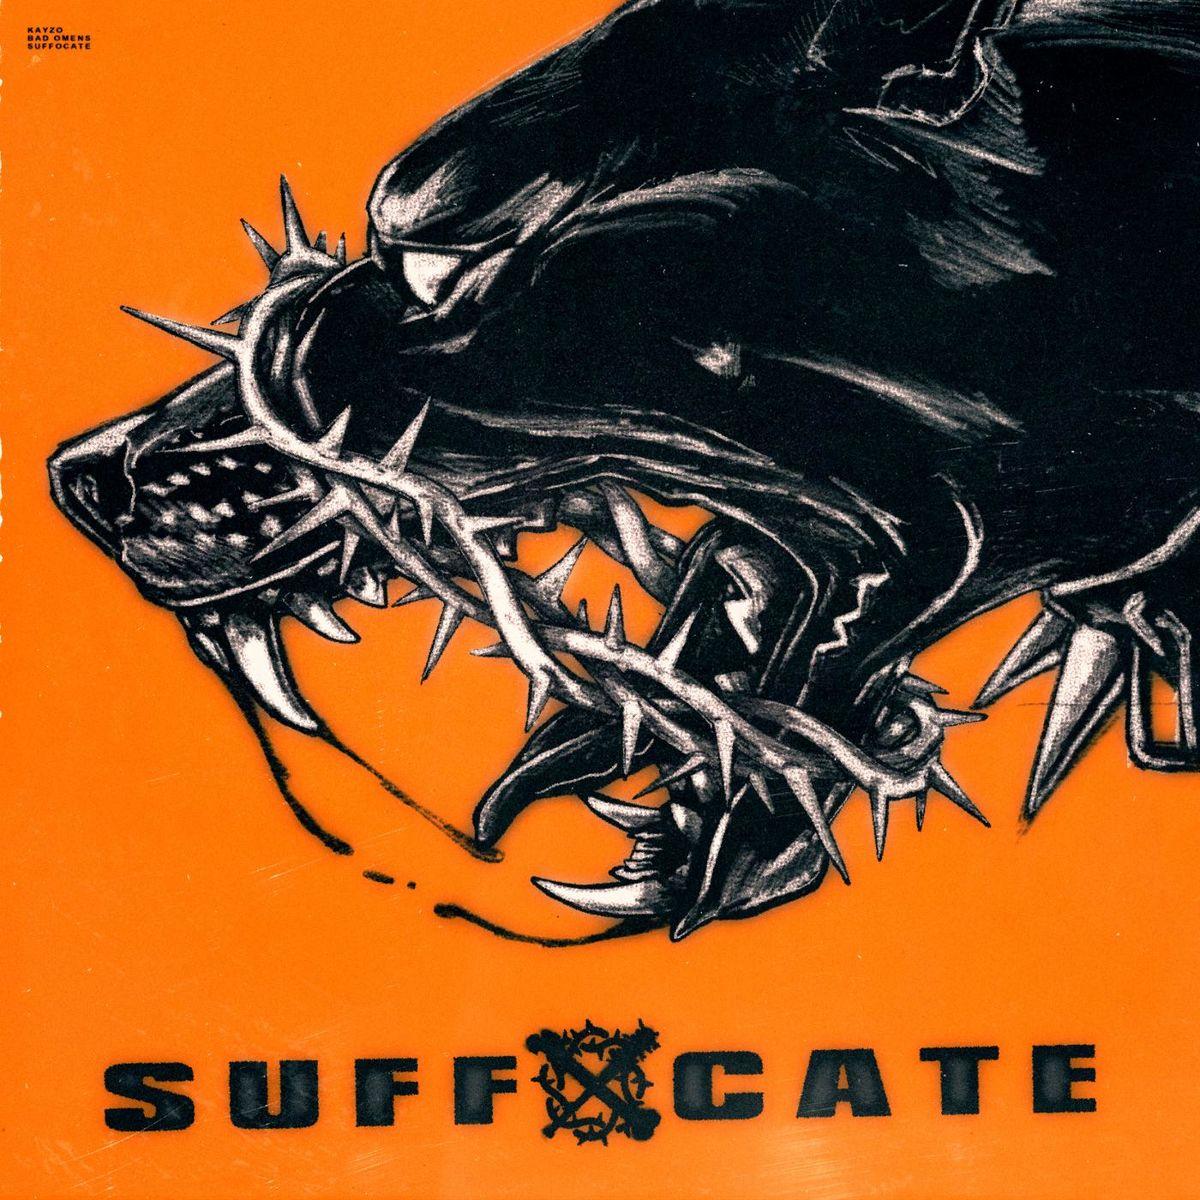 Kayzo - Suffocate (feat. Bad Omens) [single] (2020)